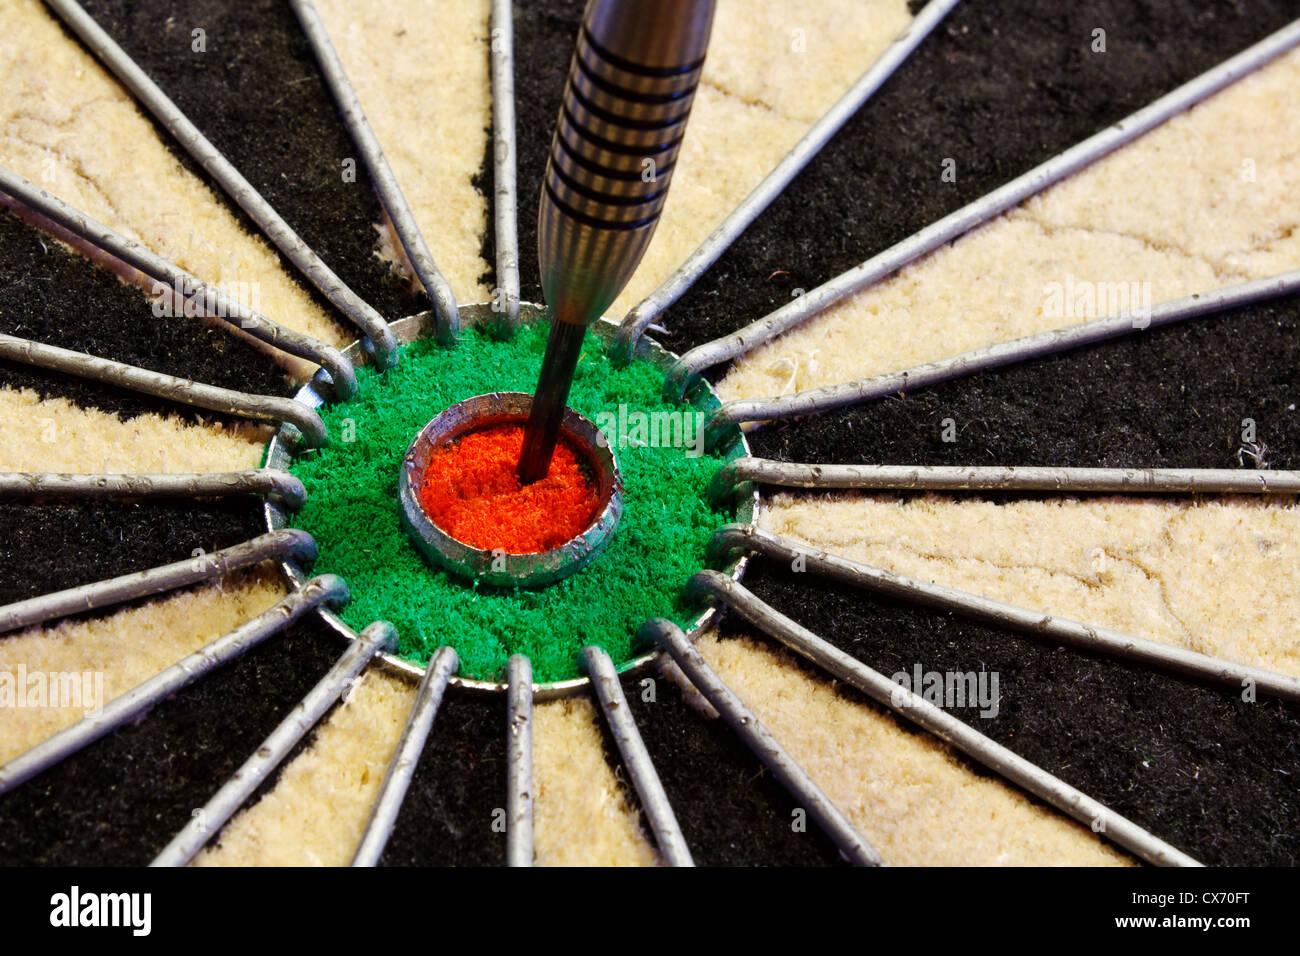 Un dardo hits diana en el centro de un tablero de dardos buen concepto de negocio de éxito Imagen De Stock